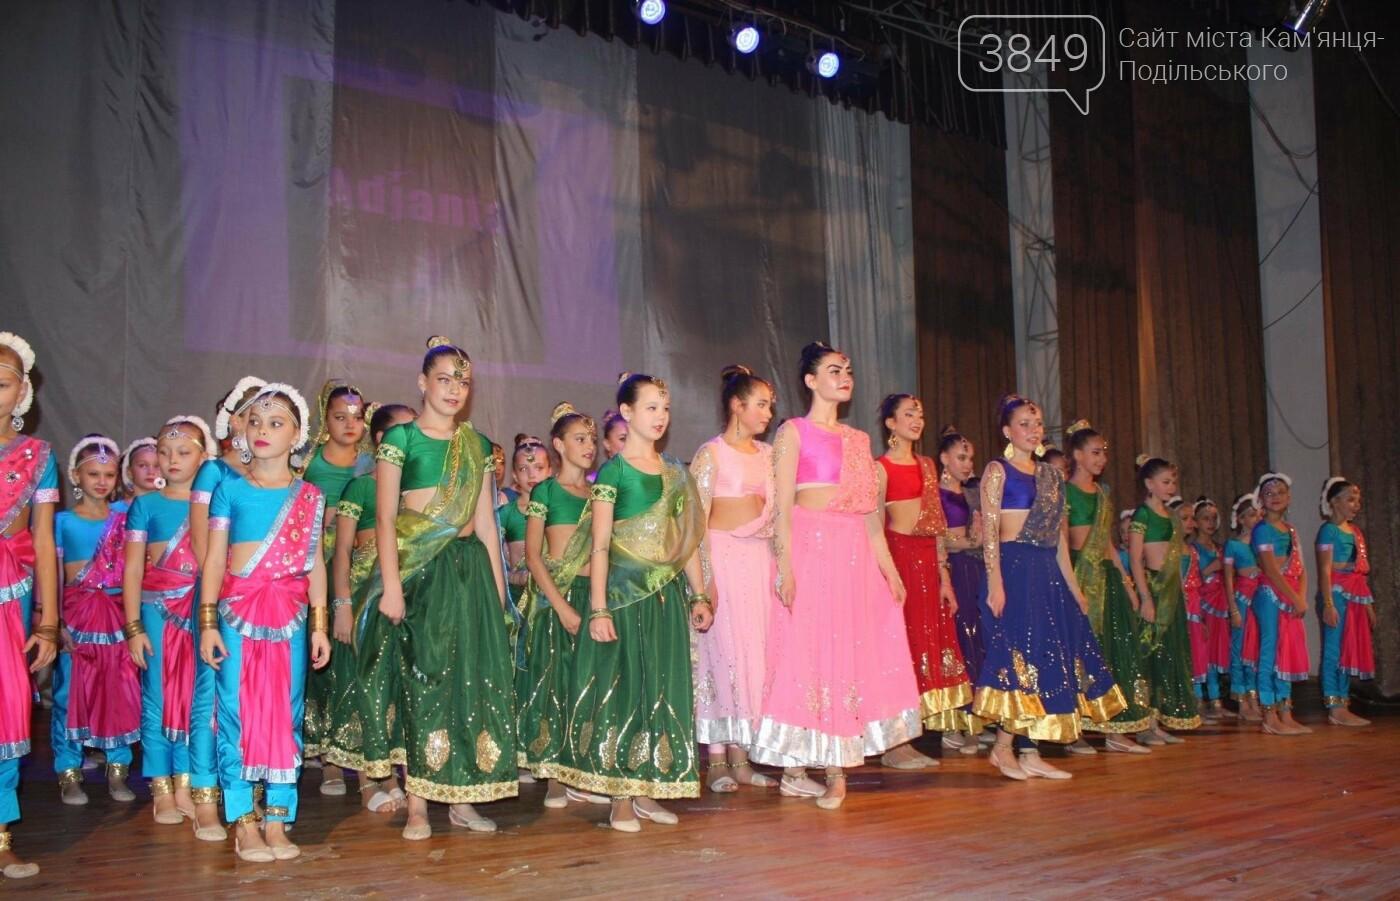 «Краса має своє ім'я». Хореографічна студія «Adjanta» святкує 10-річчя, фото-9